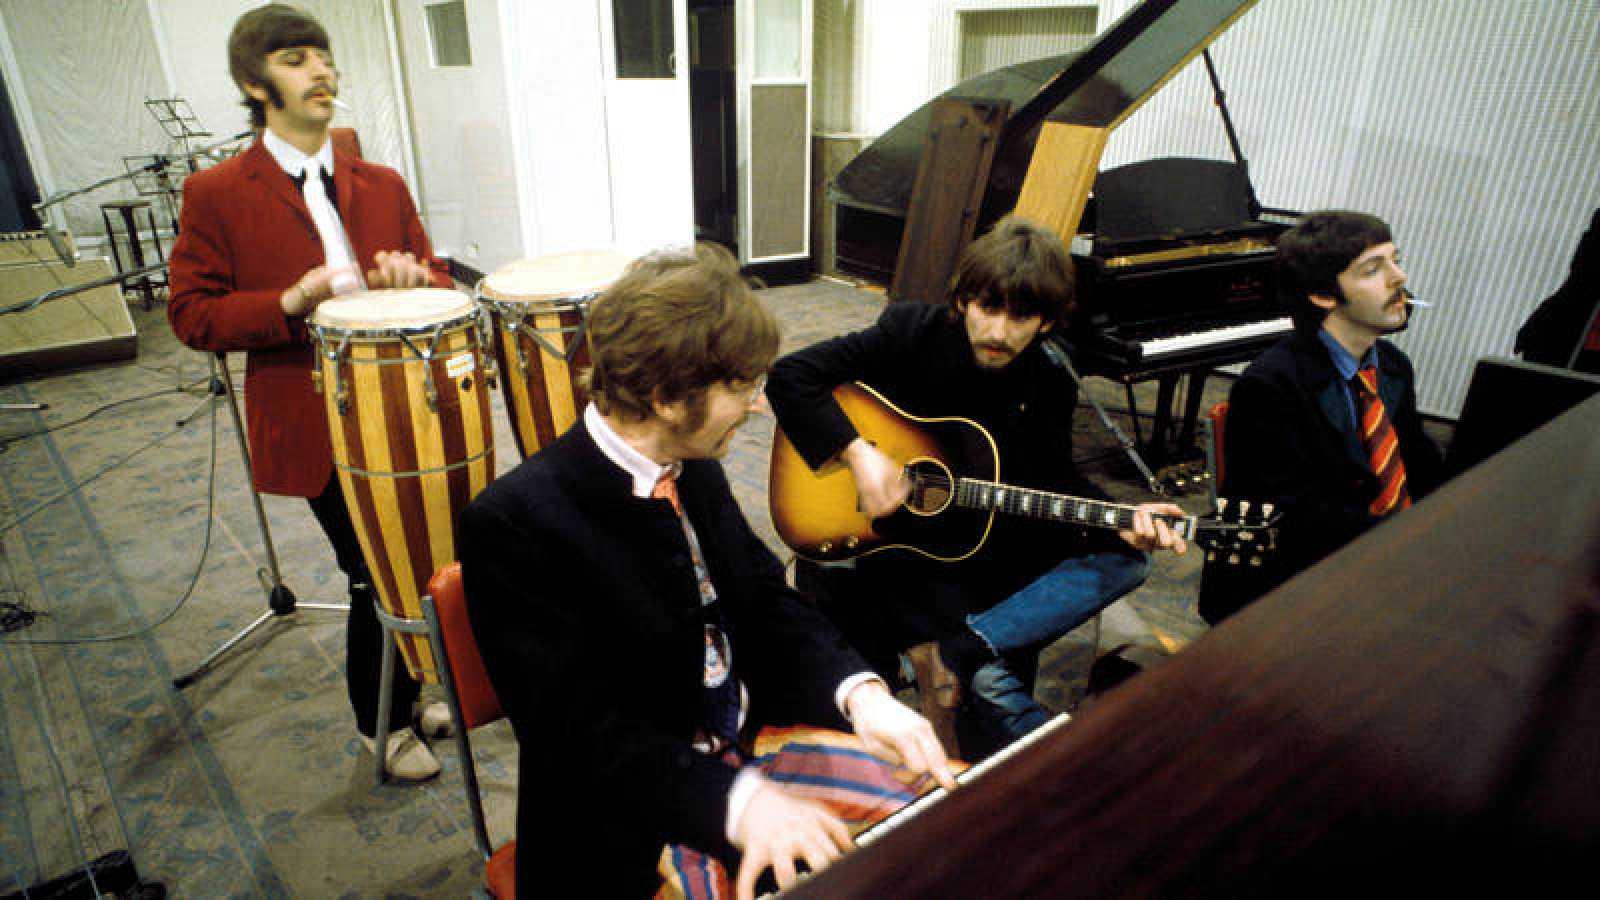 Los Beatles llevaron al estudio la energía de sus directos para la grabación del 'Sgt. Pepper's'